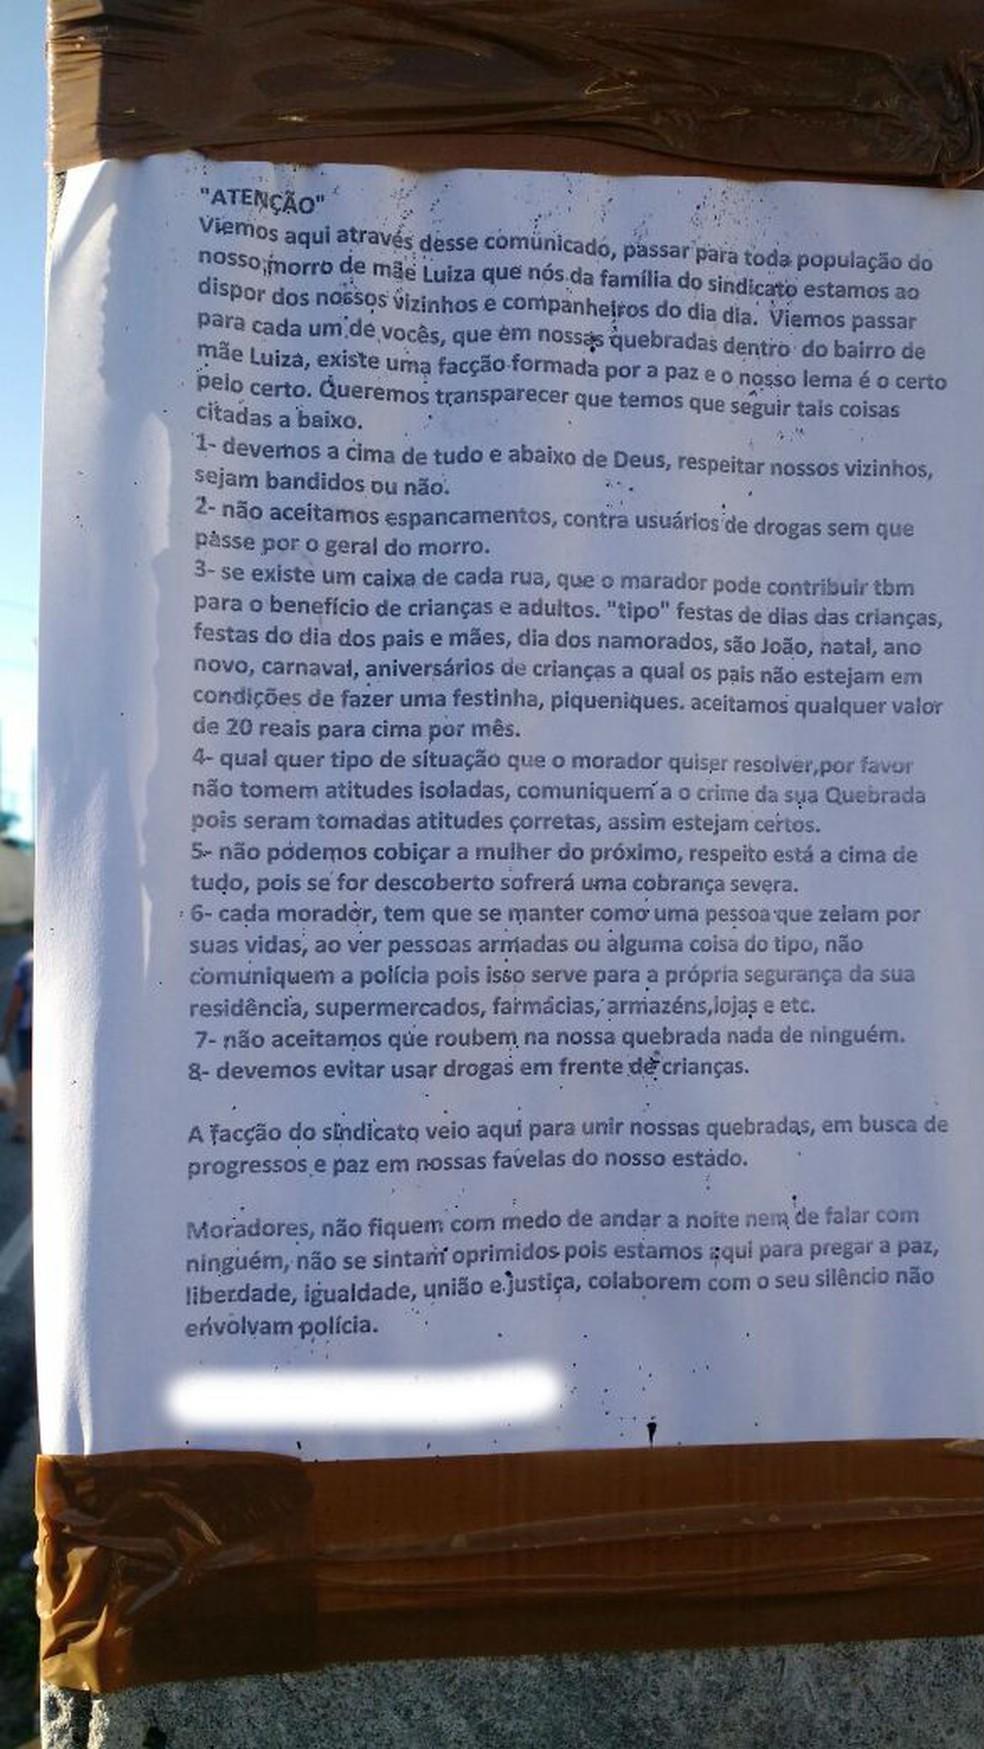 Cartazes foram colados em postes do bairro de Mãe Luíza (Foto: Divulgação/PM)